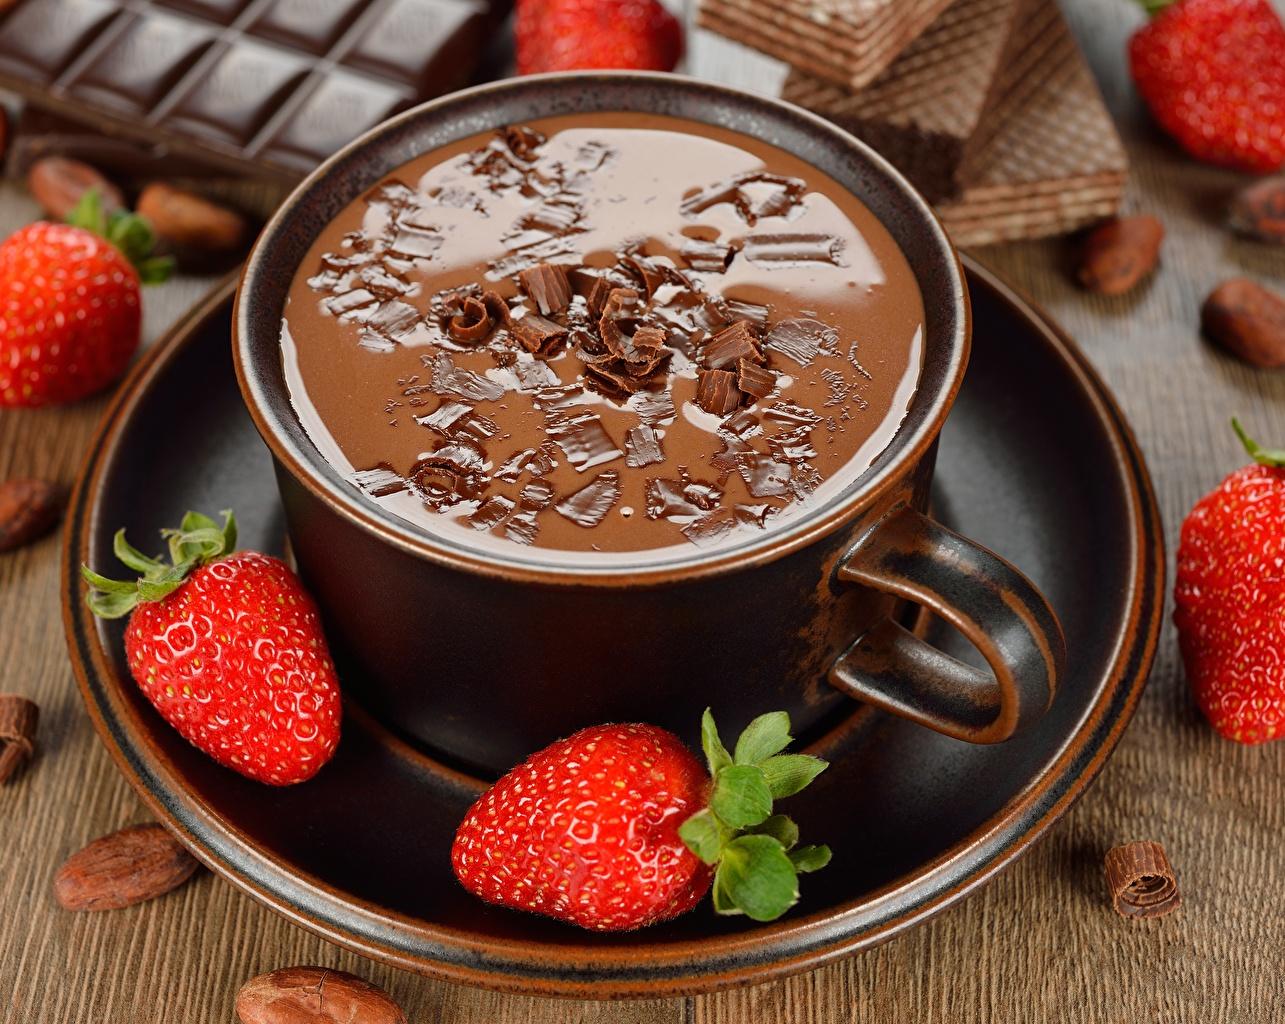 Картинка Горячий шоколад Клубника Чашка Блюдце Продукты питания Еда Пища